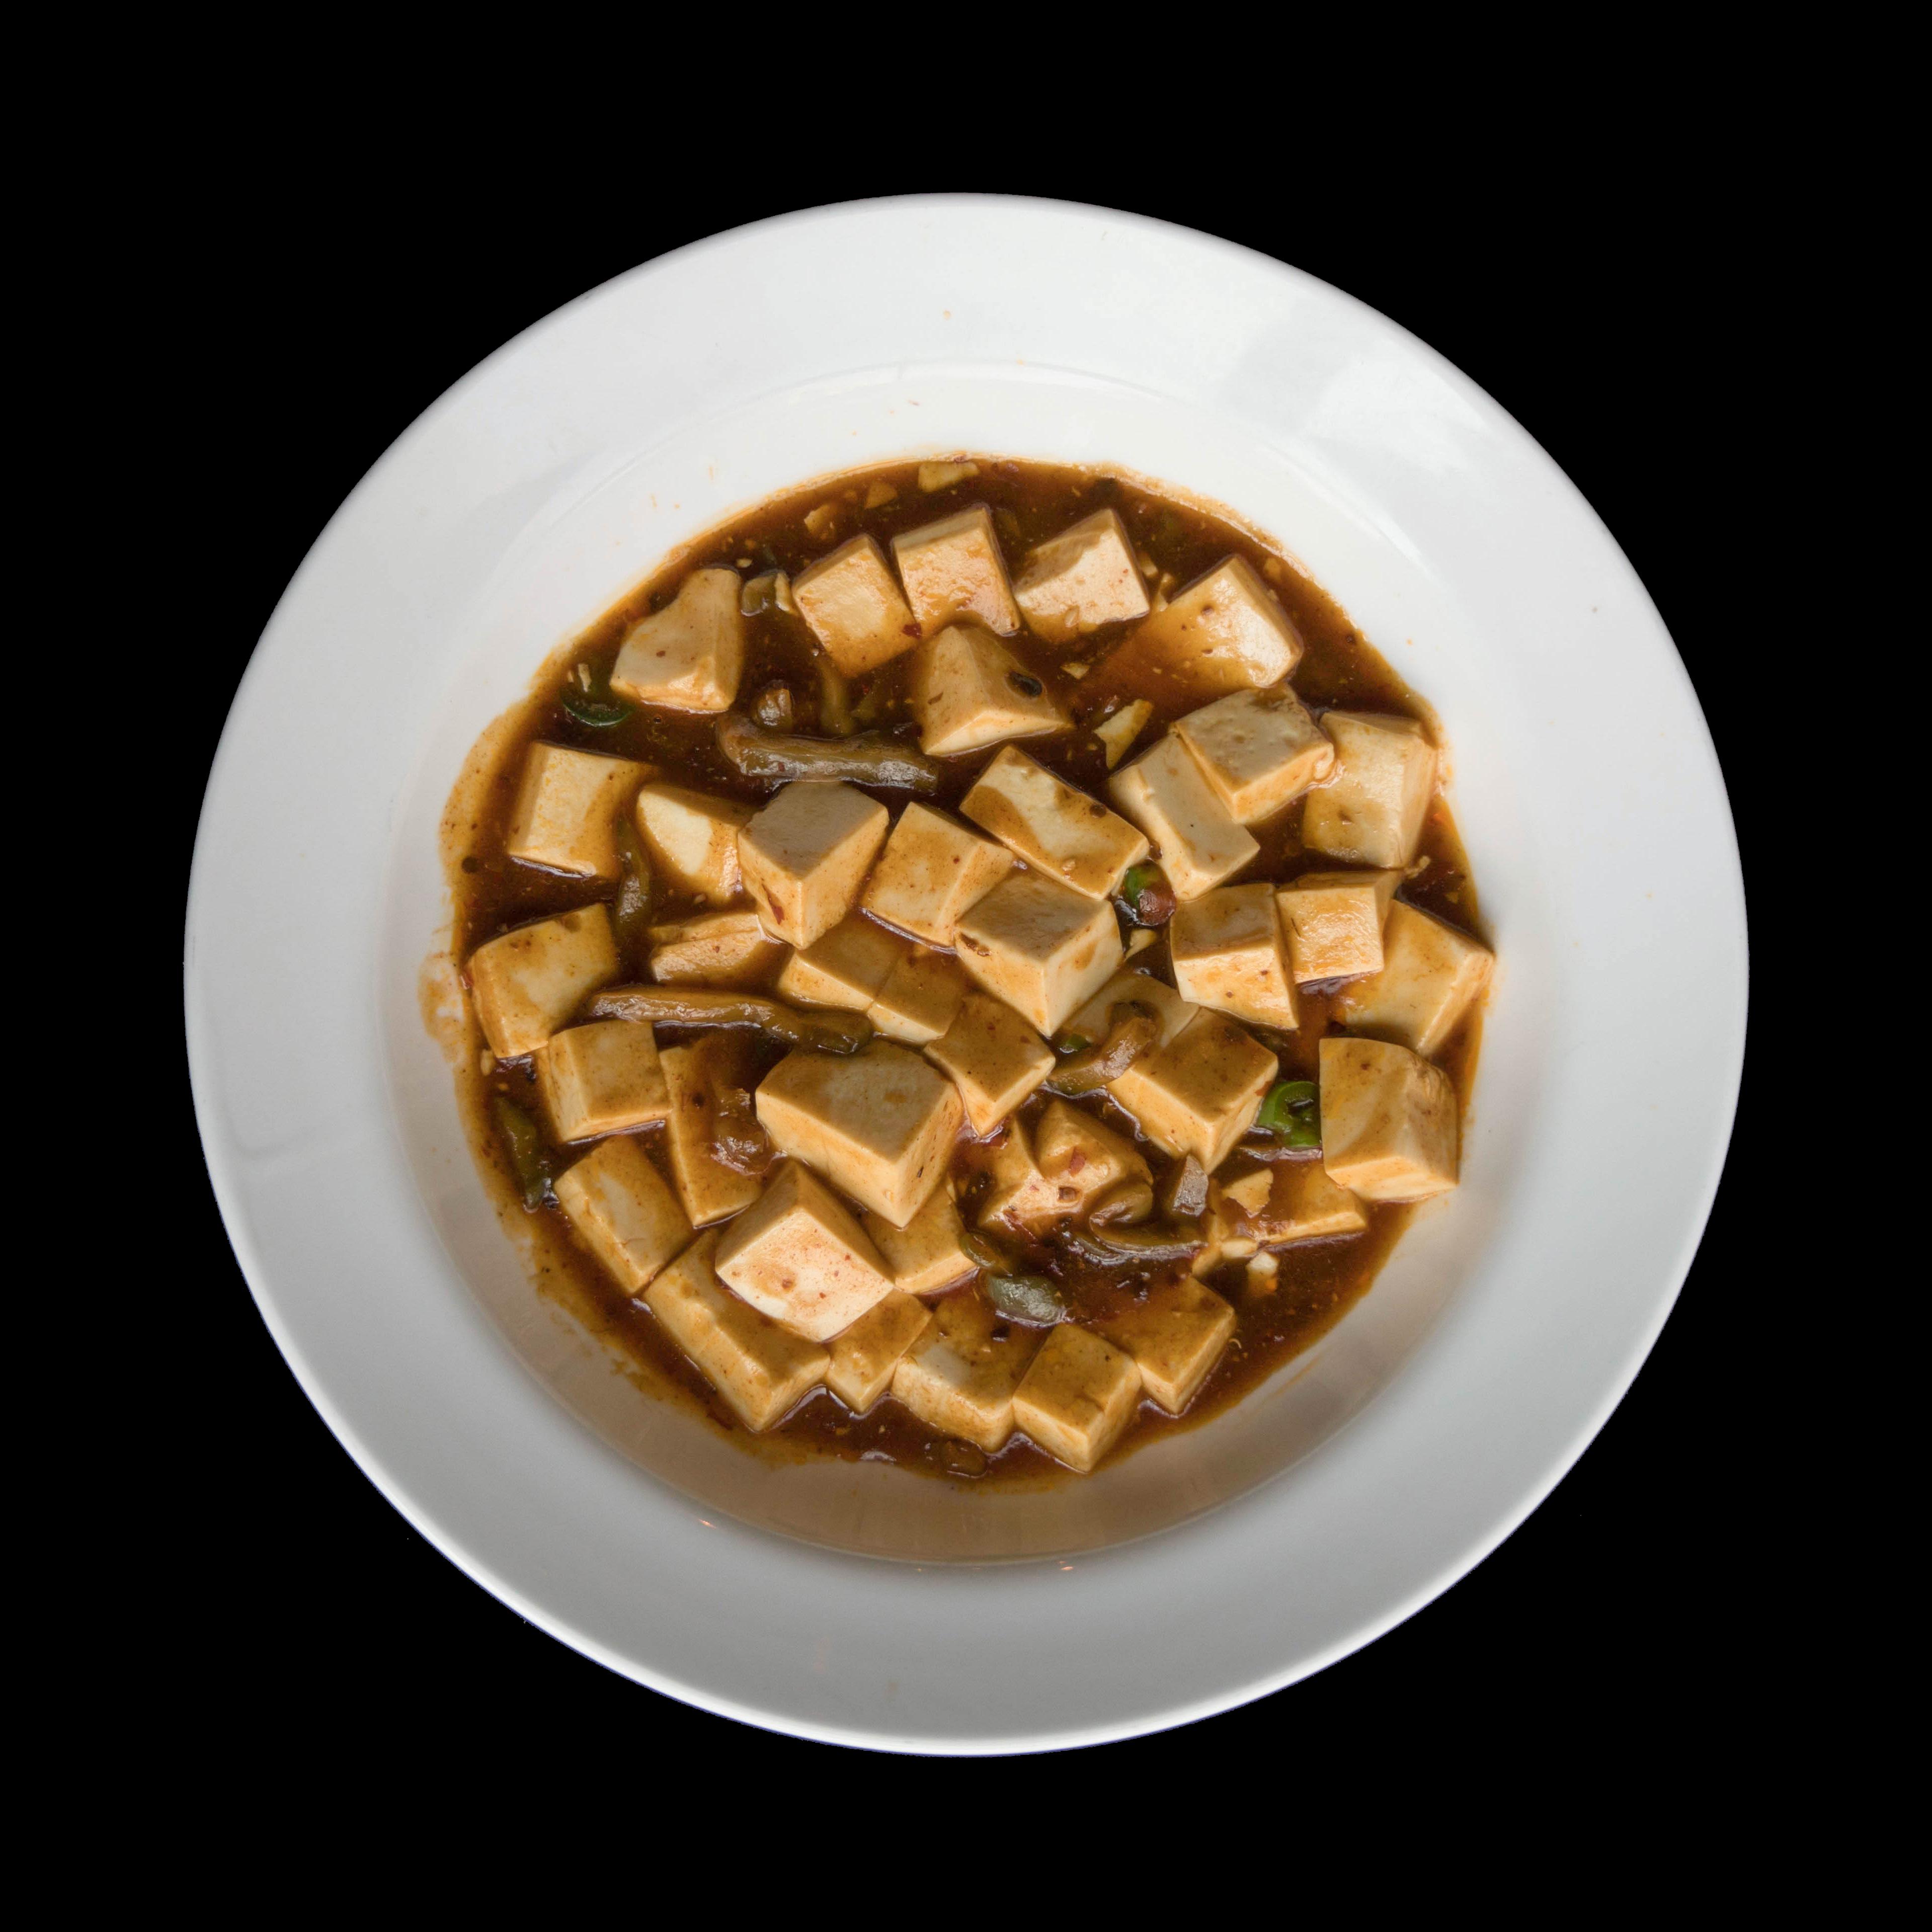 72. 麻婆豆腐 Mapo Tofu Image